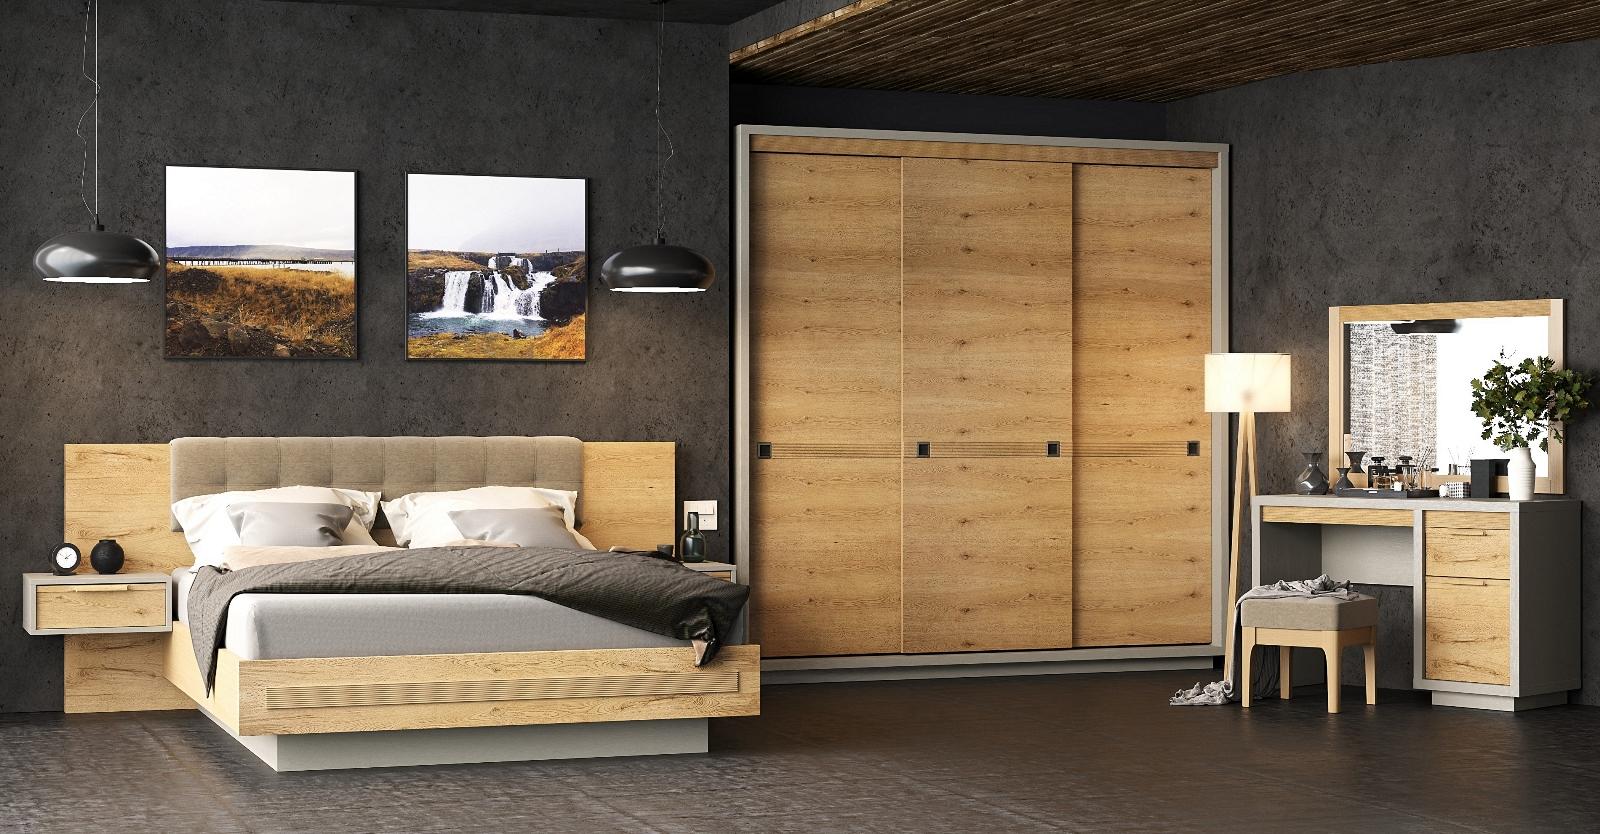 Bedroom_05-1